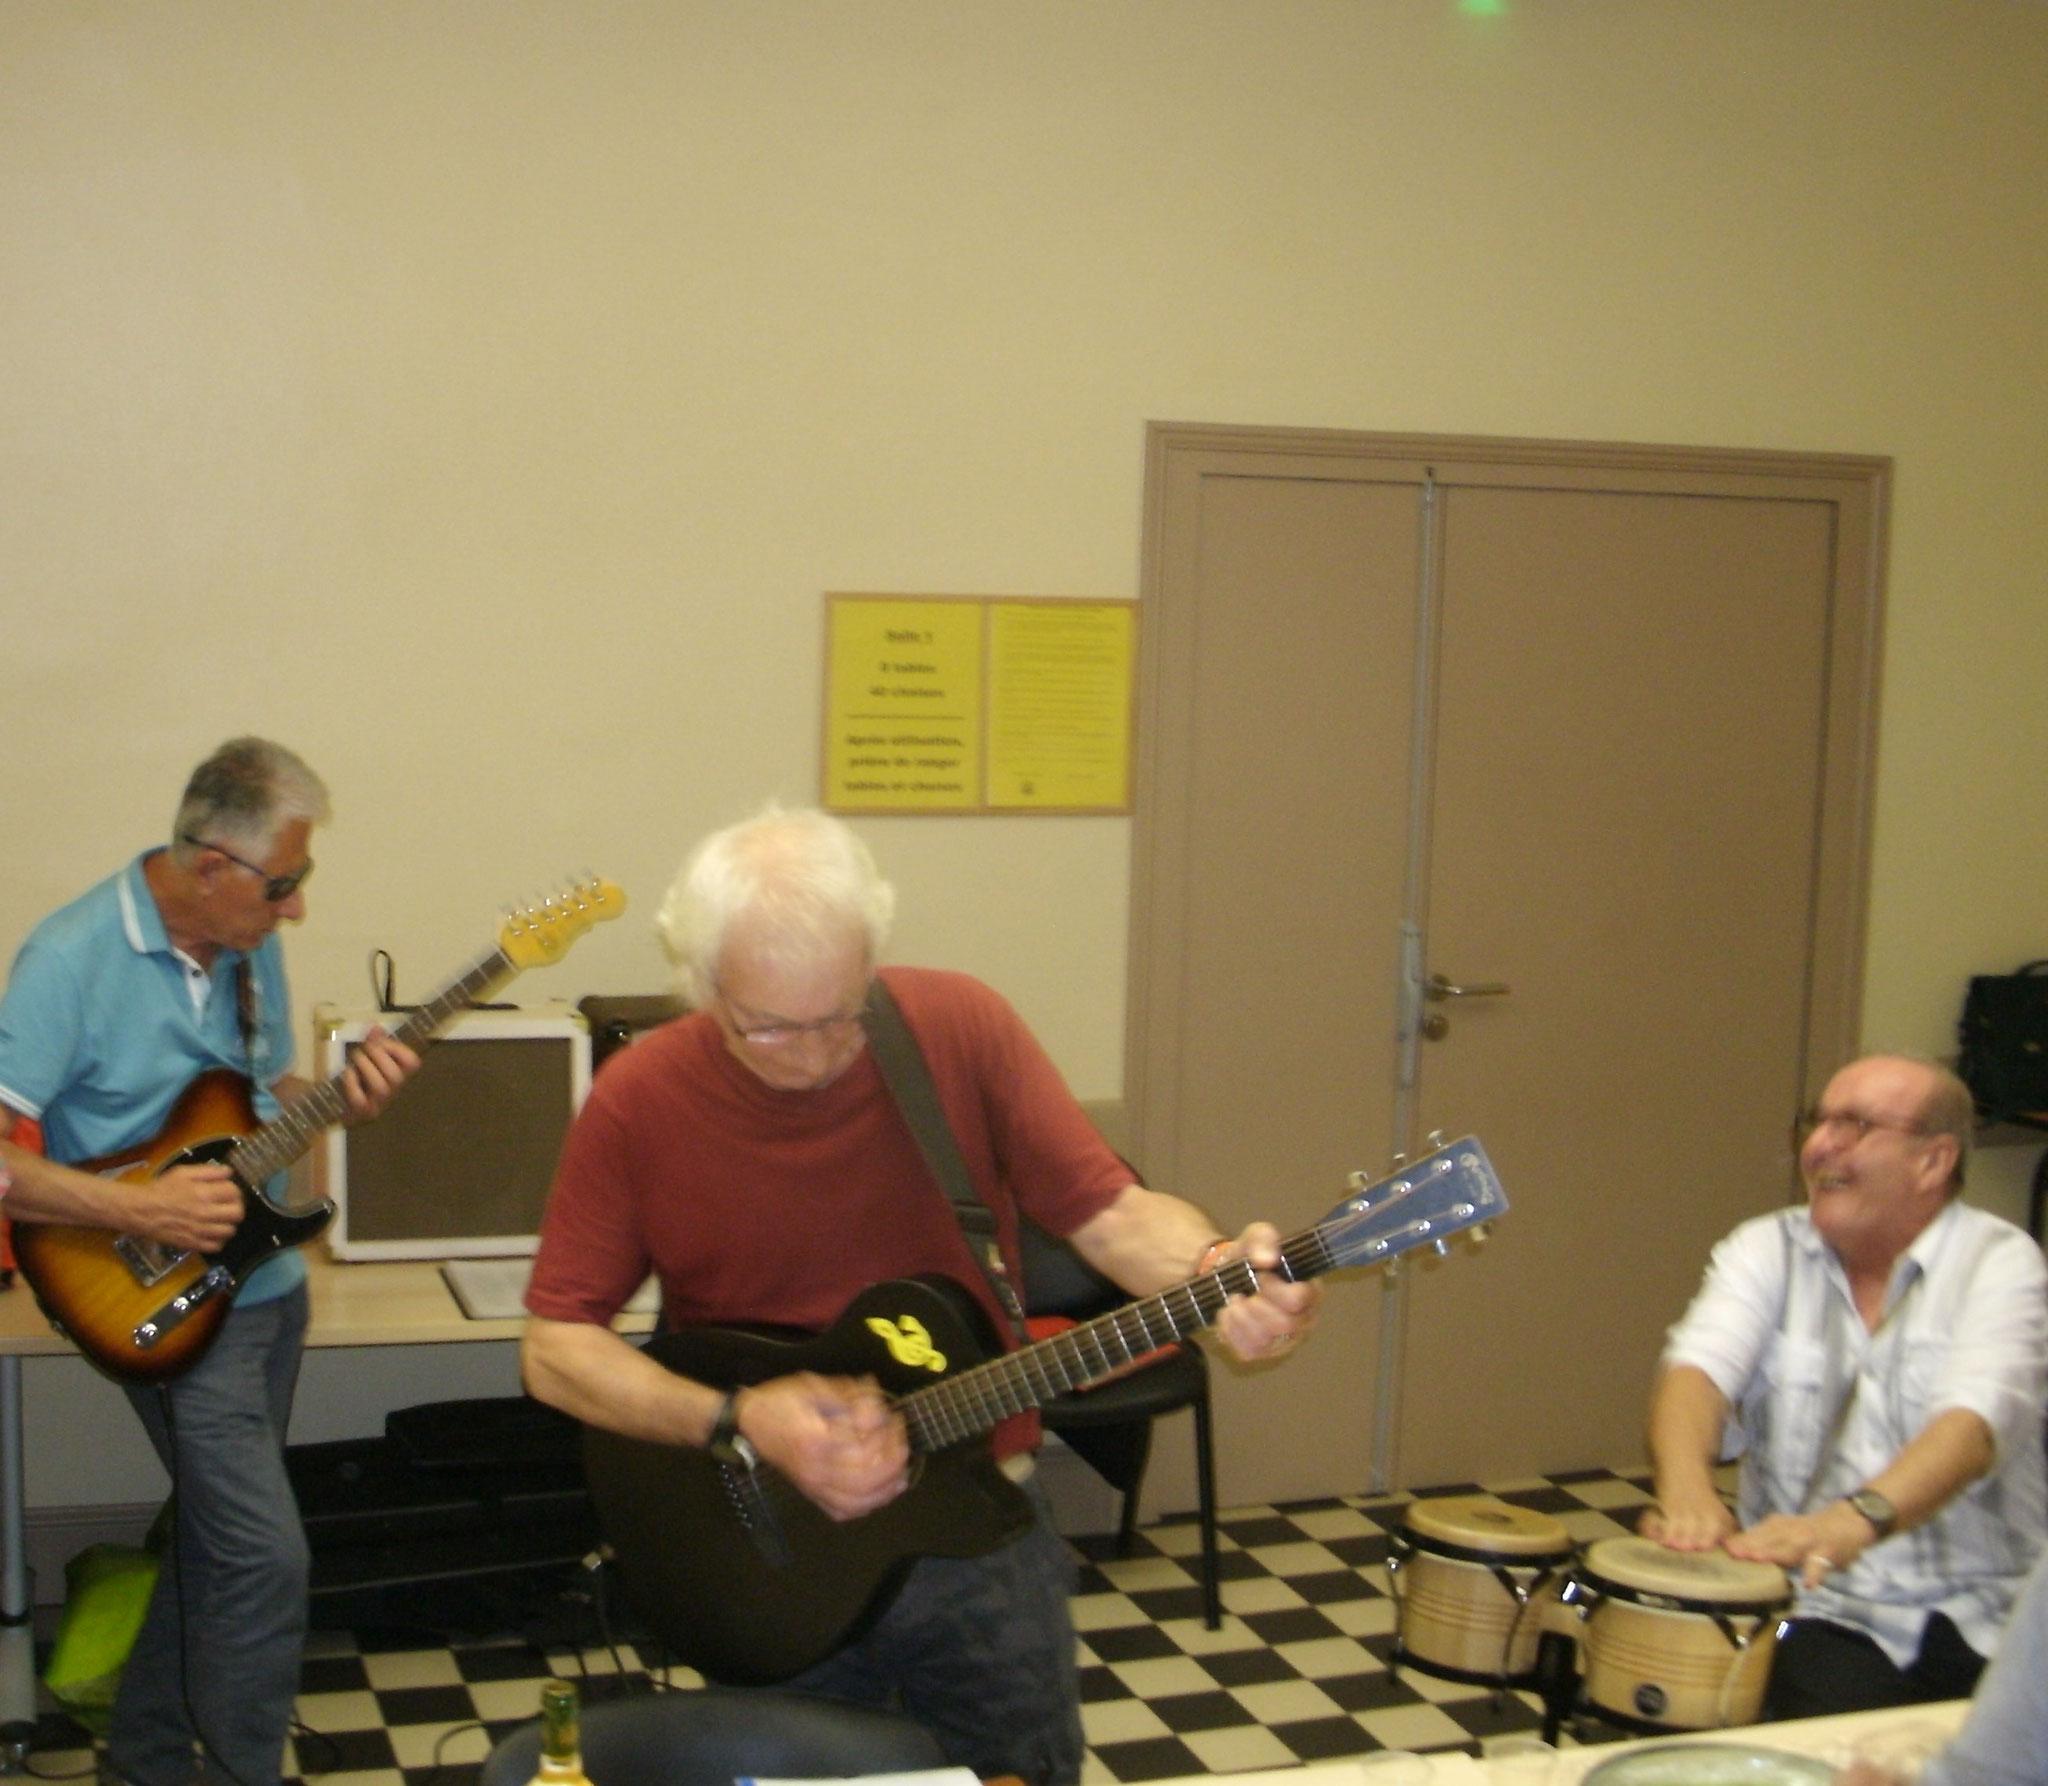 Nos trois musiciens jouent ensemble pour notre plus grand bonheur,